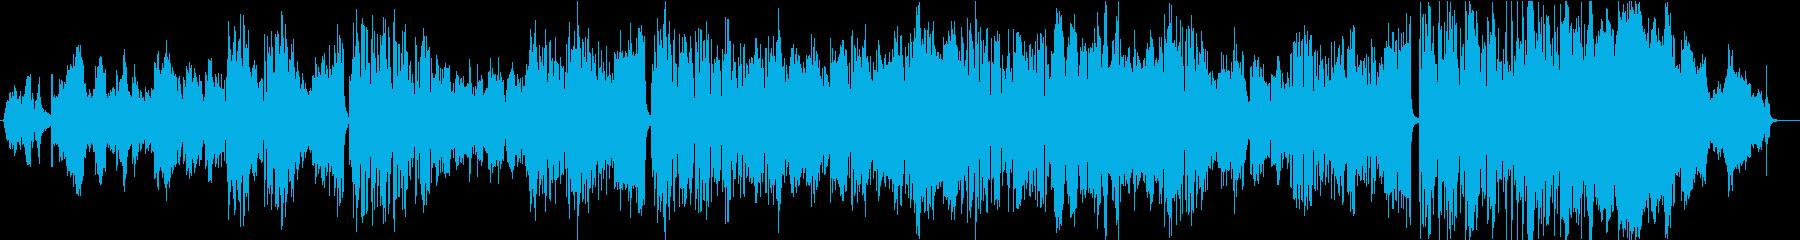 素晴らしいアメリカーナ風のユニーク...の再生済みの波形